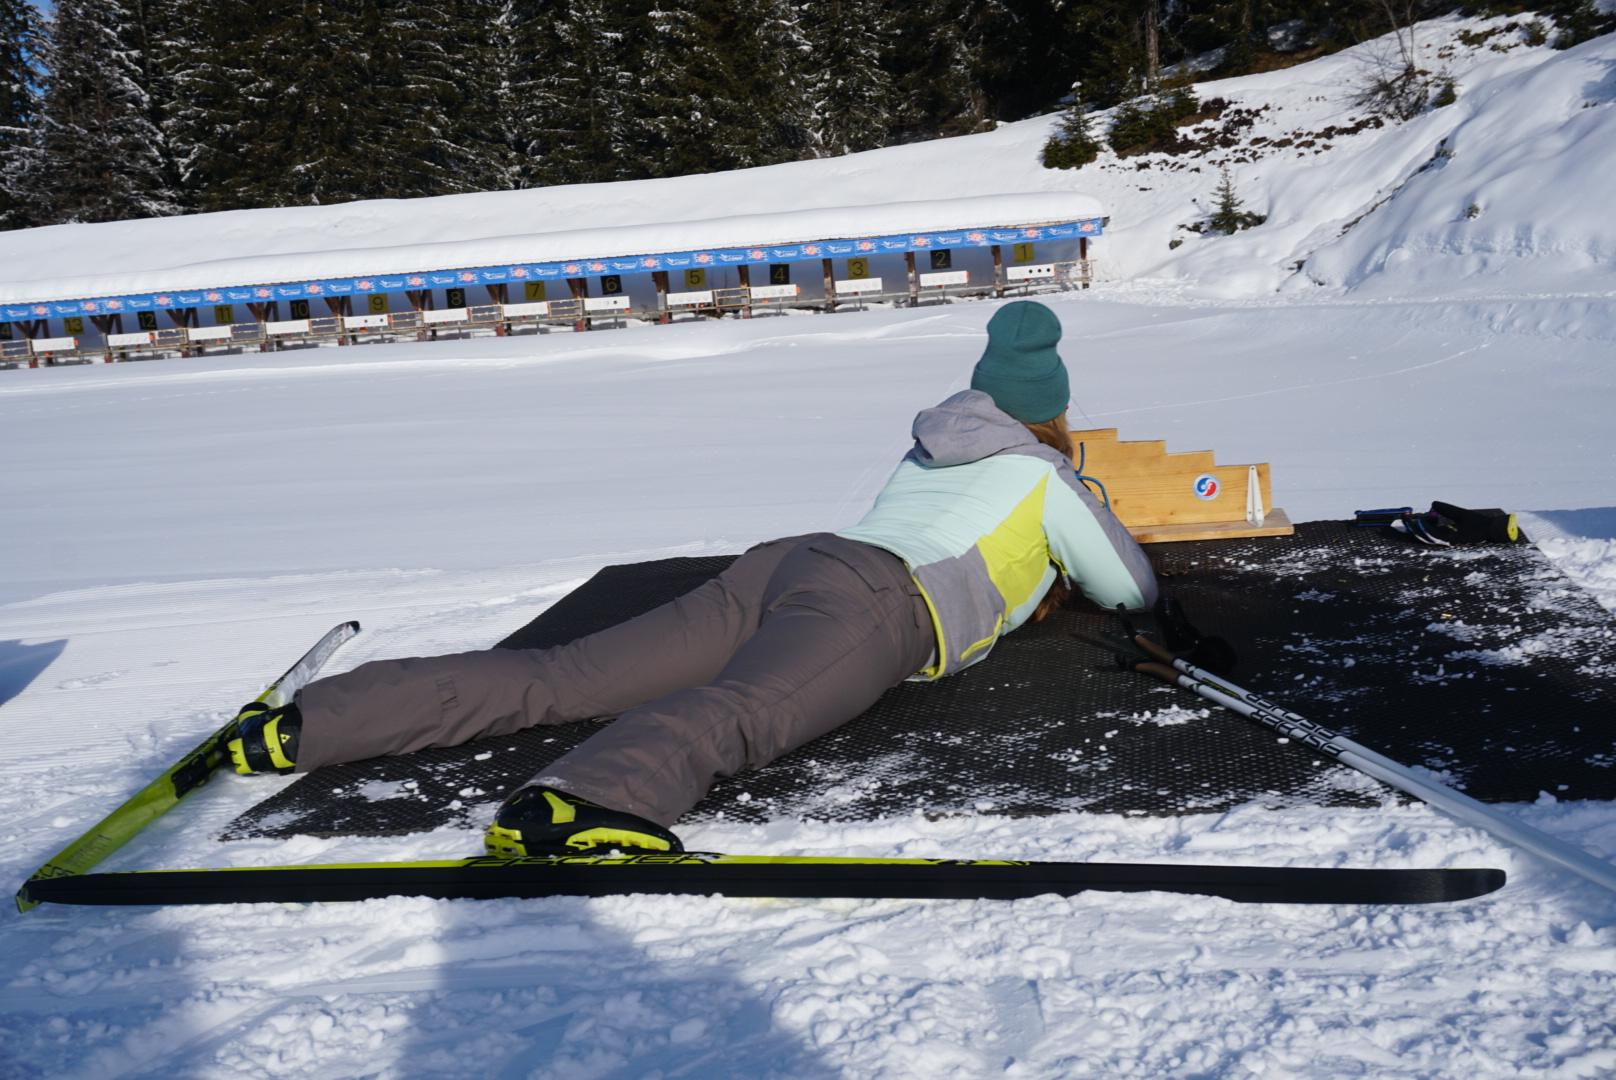 Biathlon in France, Les Saisies, Savoie Mont Blanc